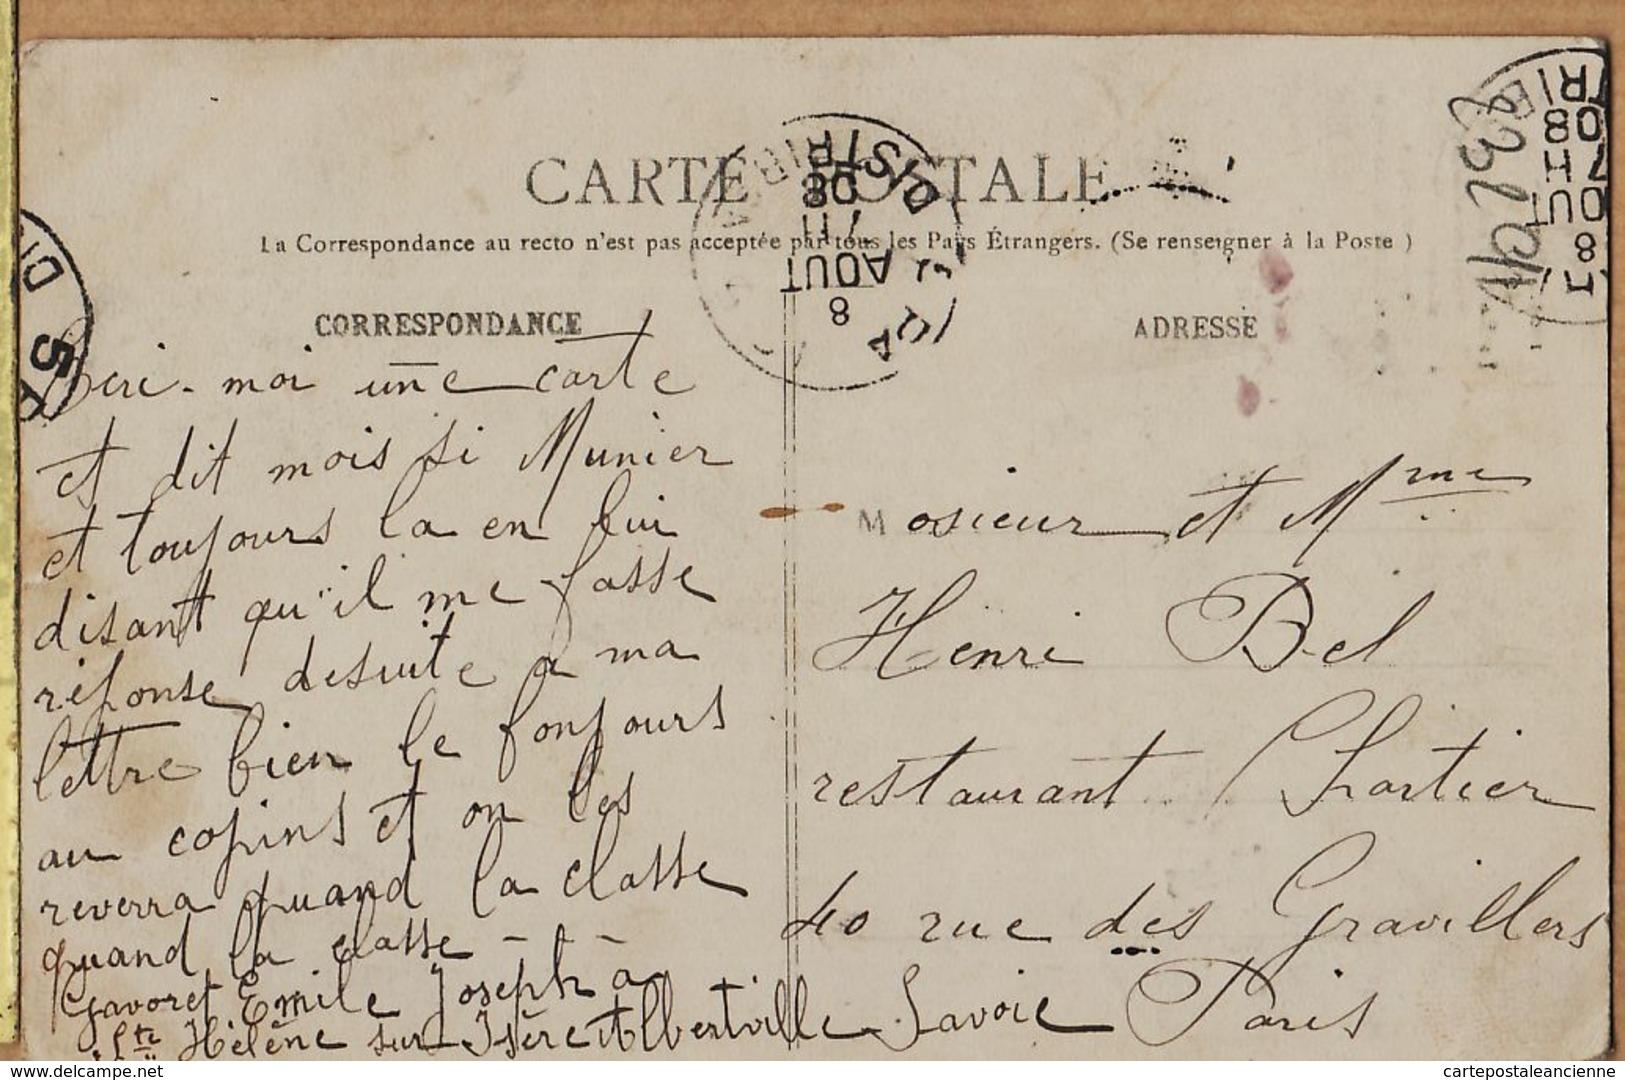 X73020 RAYNAUD 1903 ALBERTVILLE La Roche POURRIE Mémoire Alpinistes Morts à BEL Restaurant CHARTIER Gravilliers Paris - Albertville